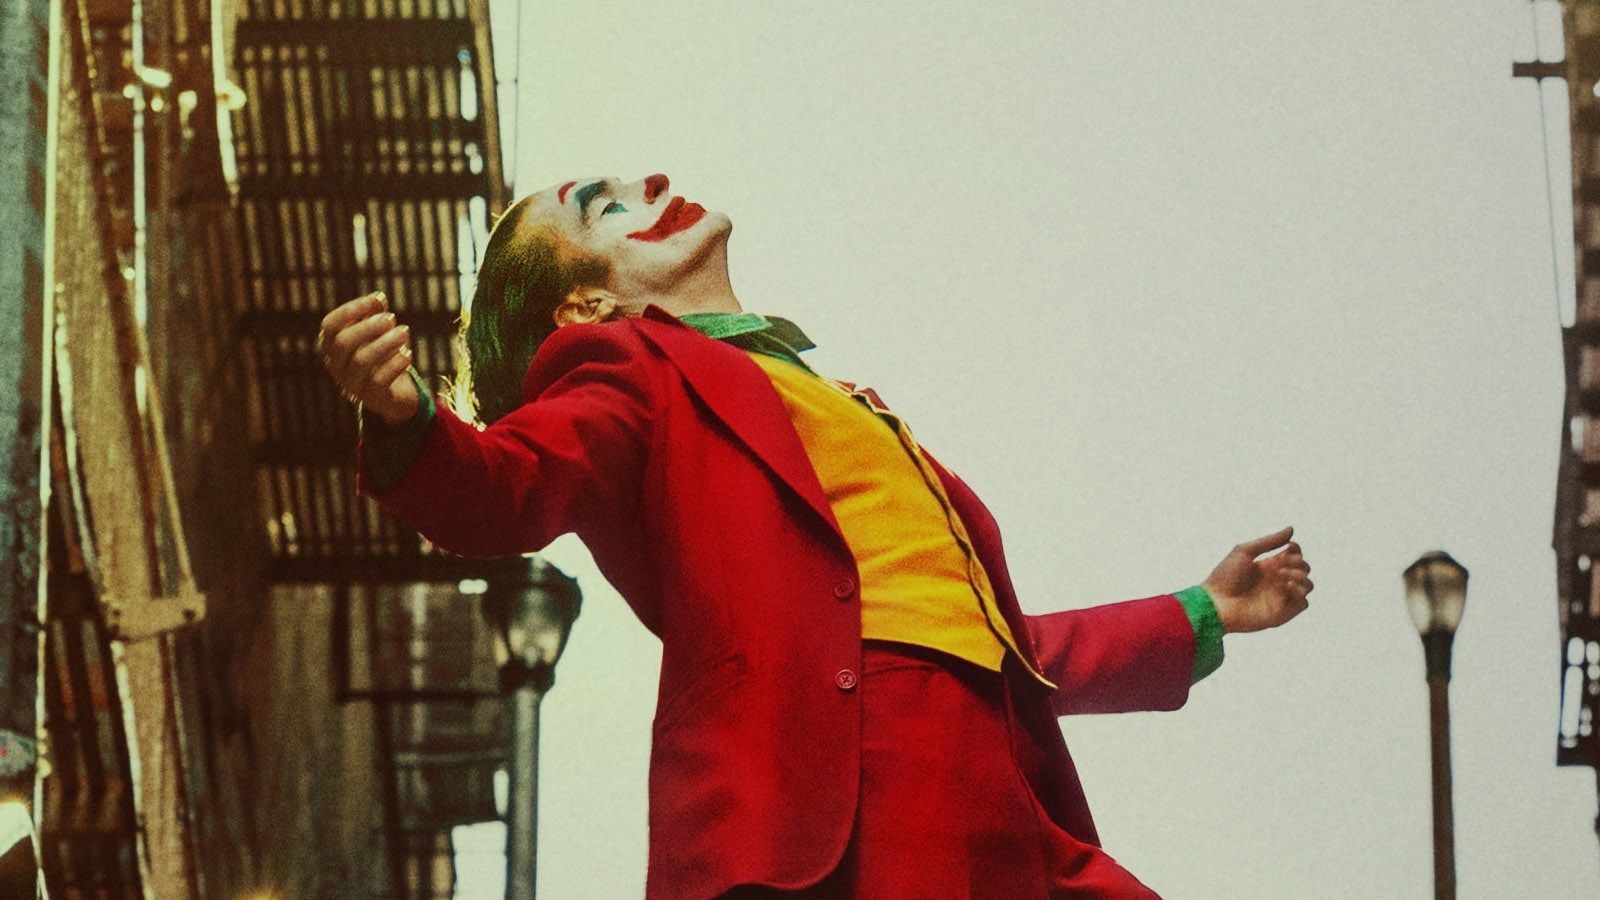 joker-official-images-final-poster-1600-featured-01.jpg